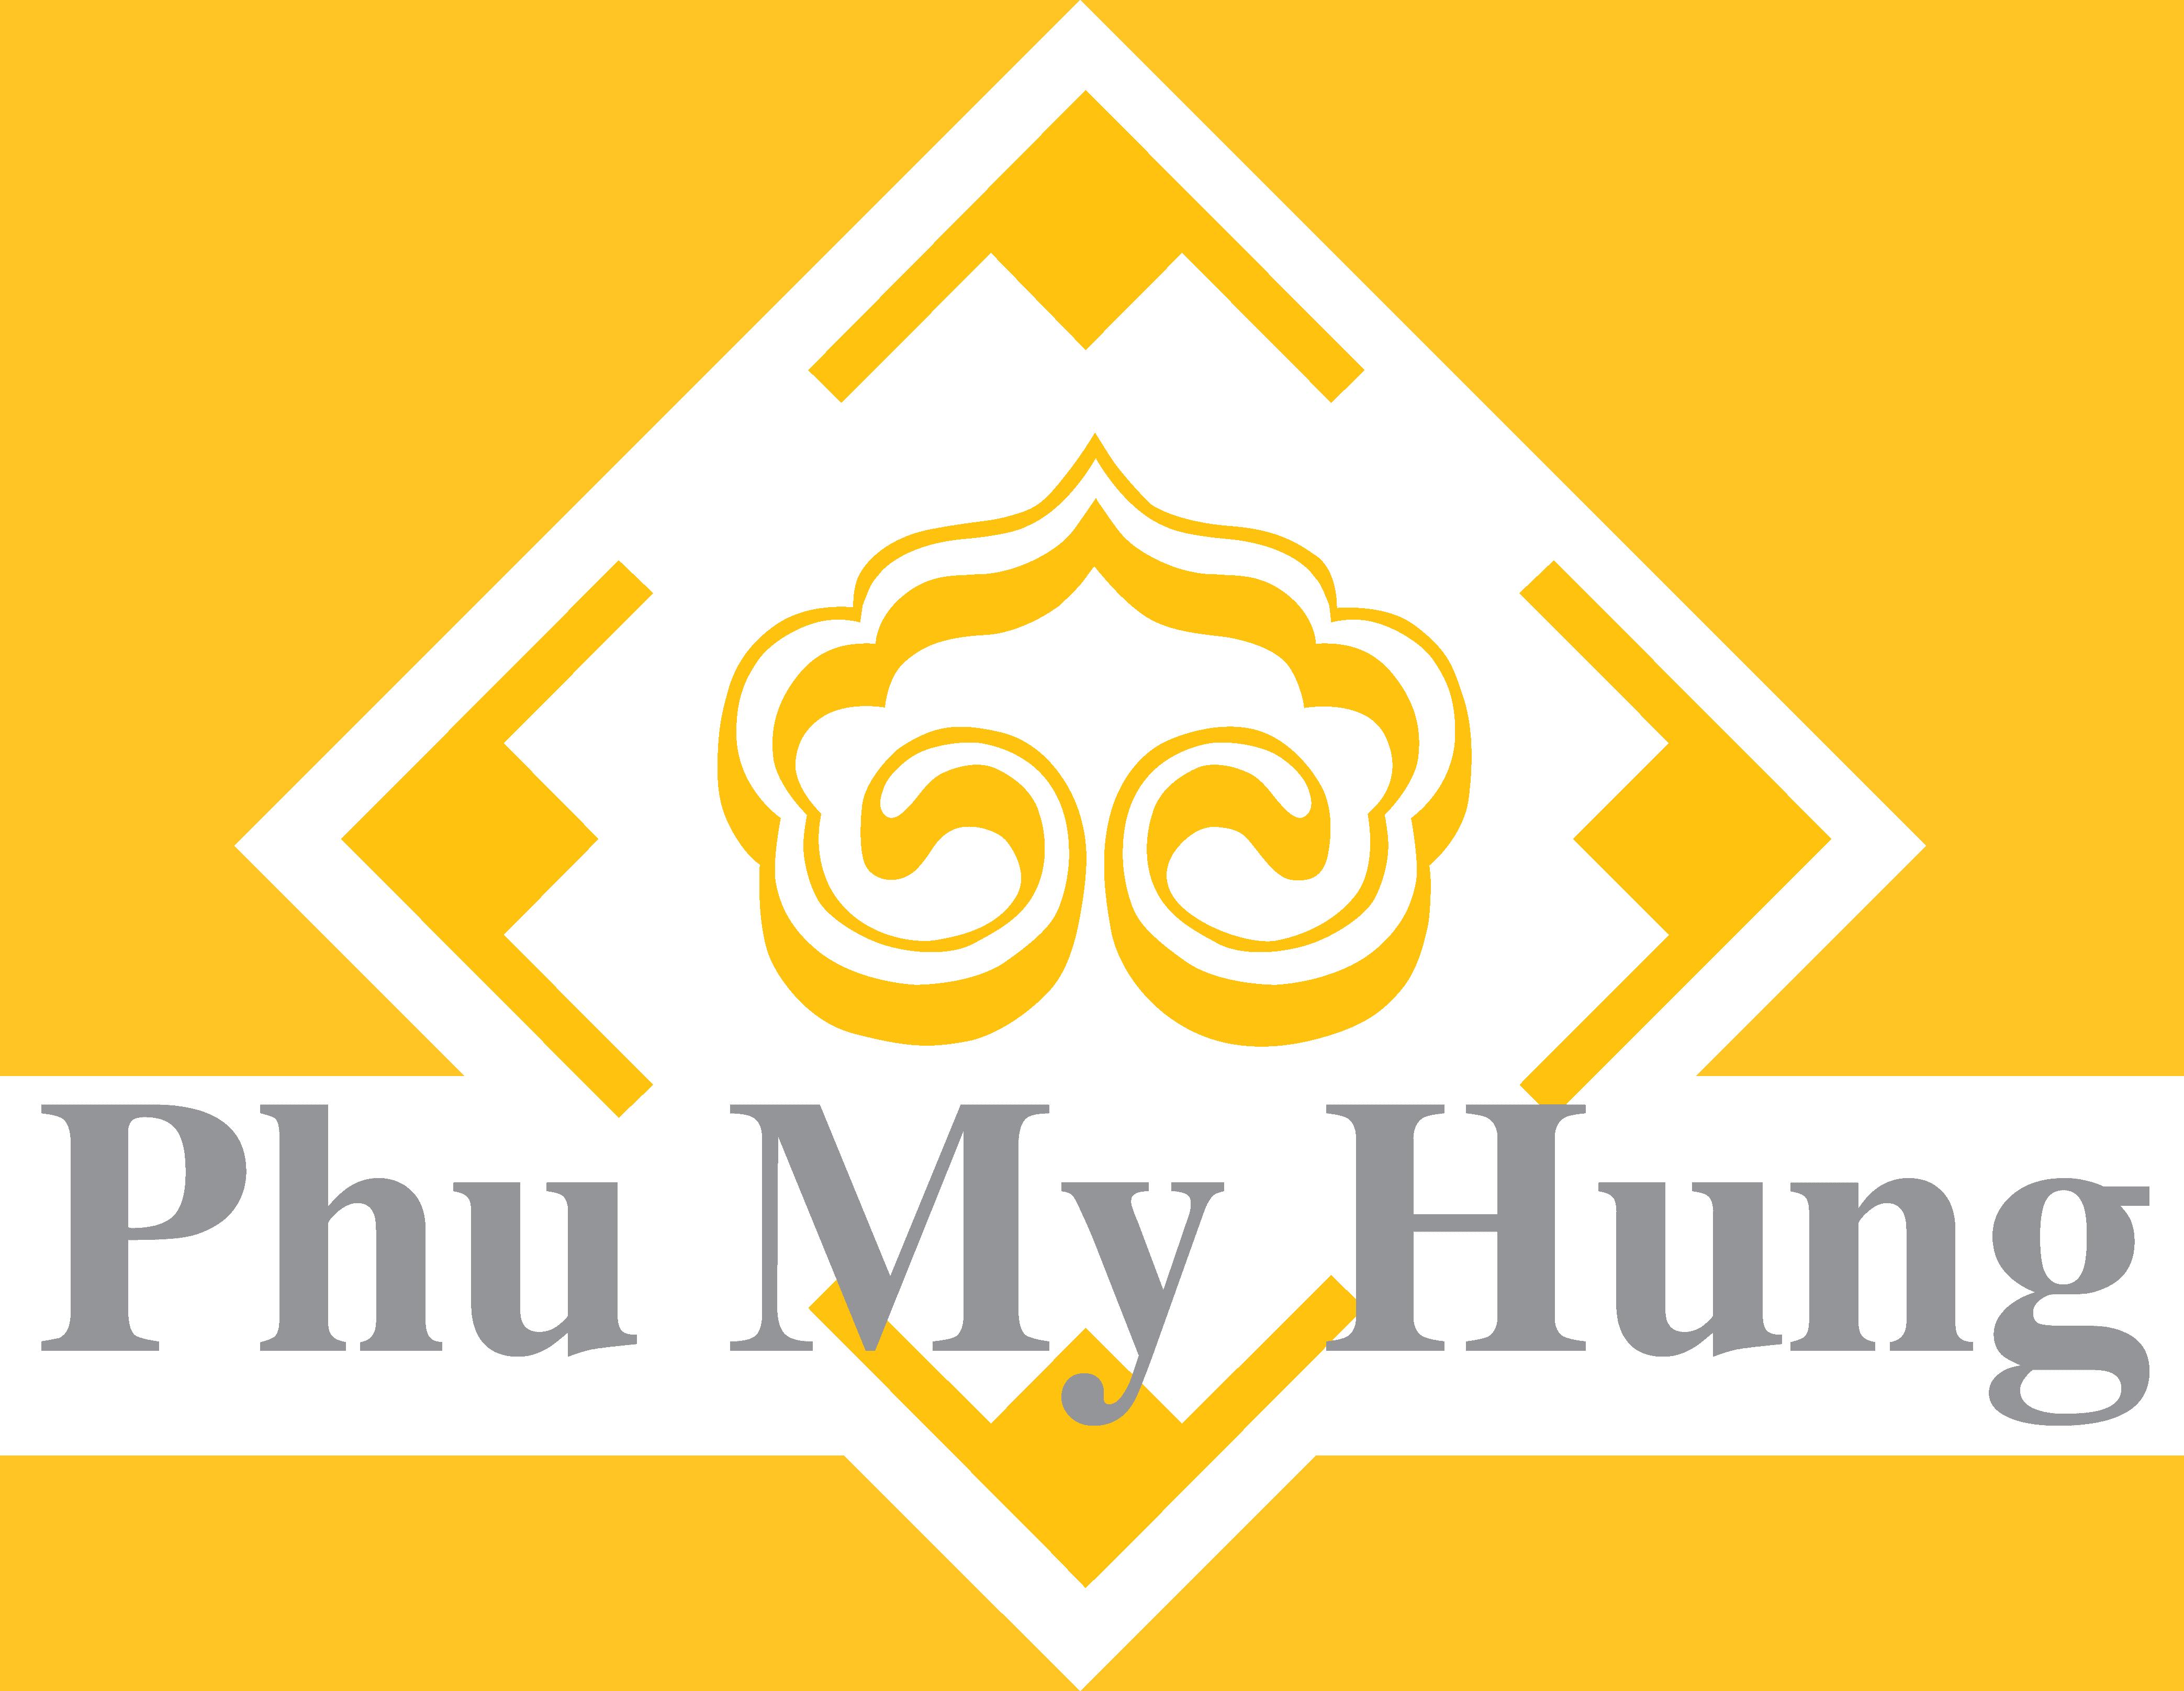 phu my hung logo